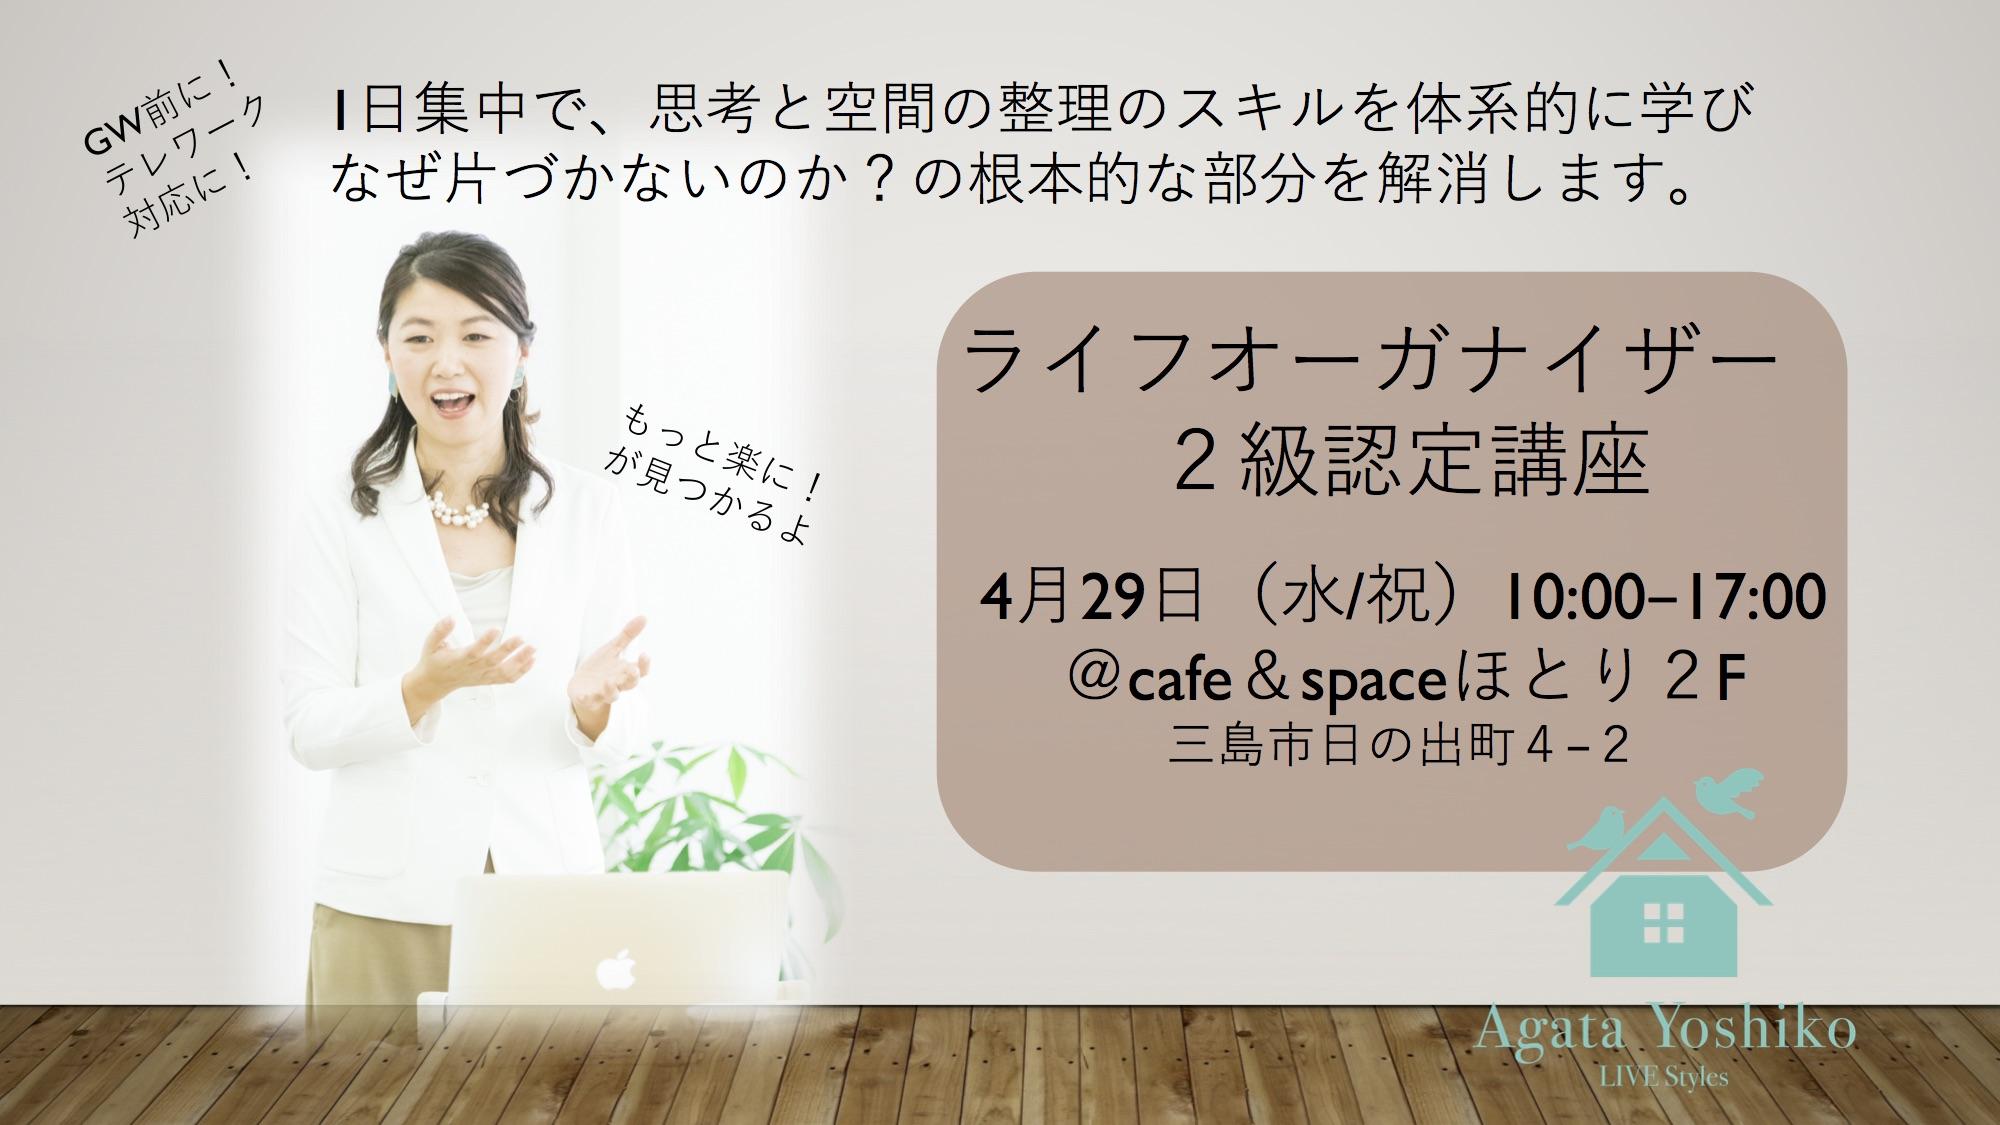 ライフオーガナイザー2級認定講座@三島市ほとり